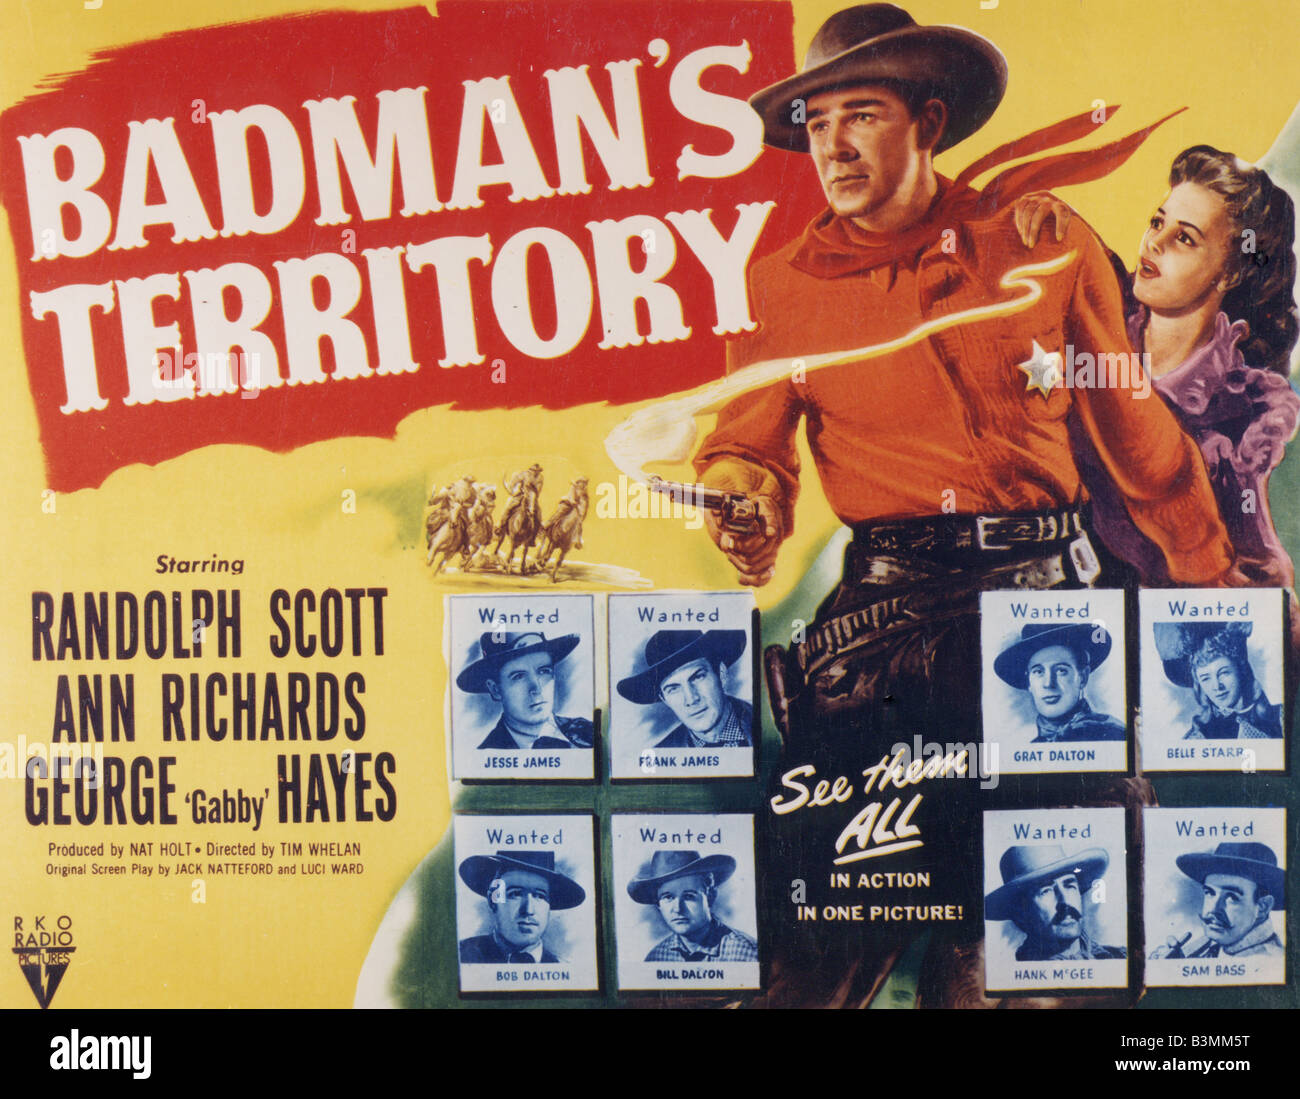 el territorio de badman cartel para 1946 rko film con randolph scott